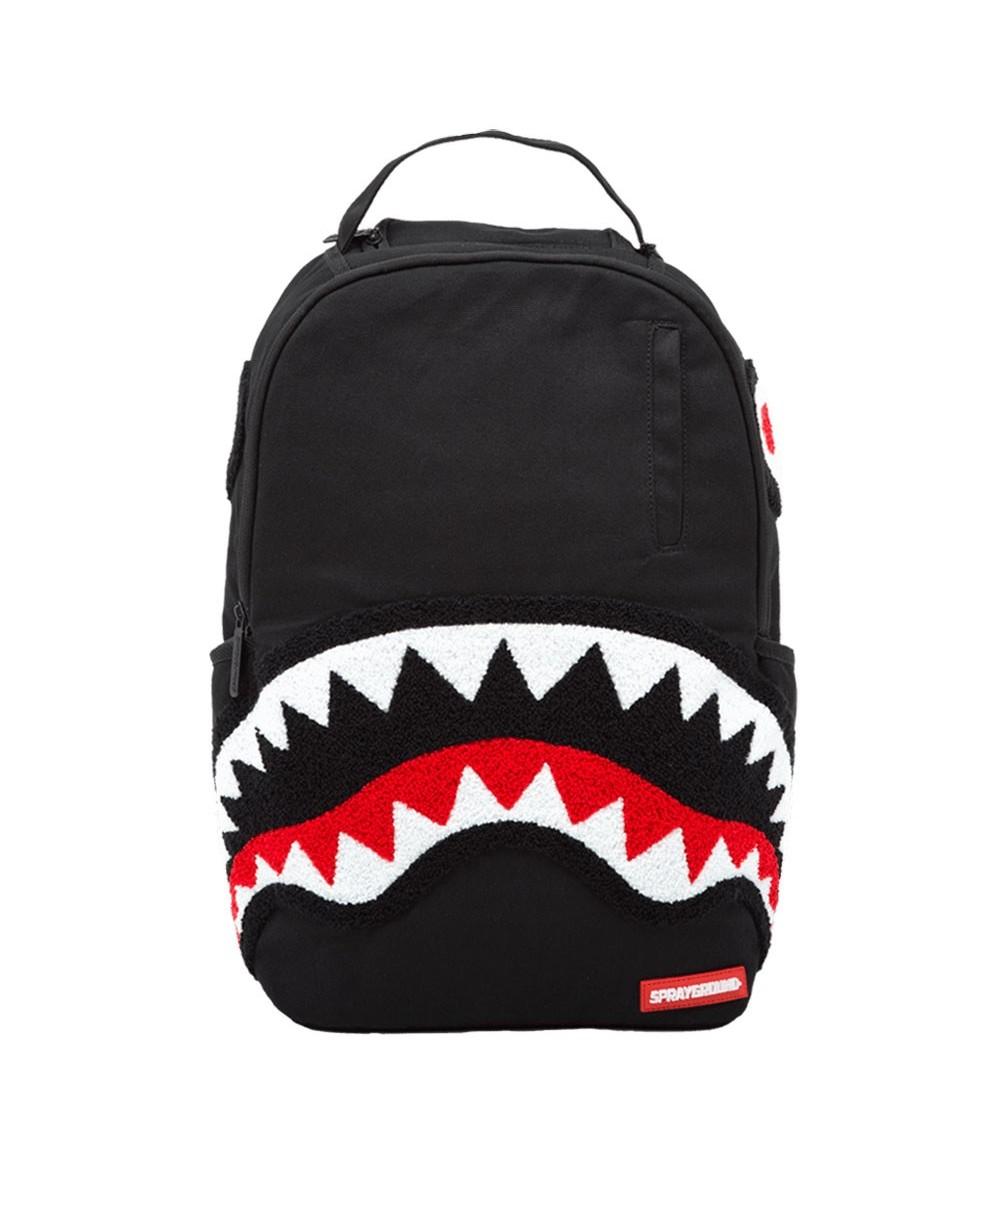 92d5e5263893 Sprayground Ghost Chenille Shark Backpack